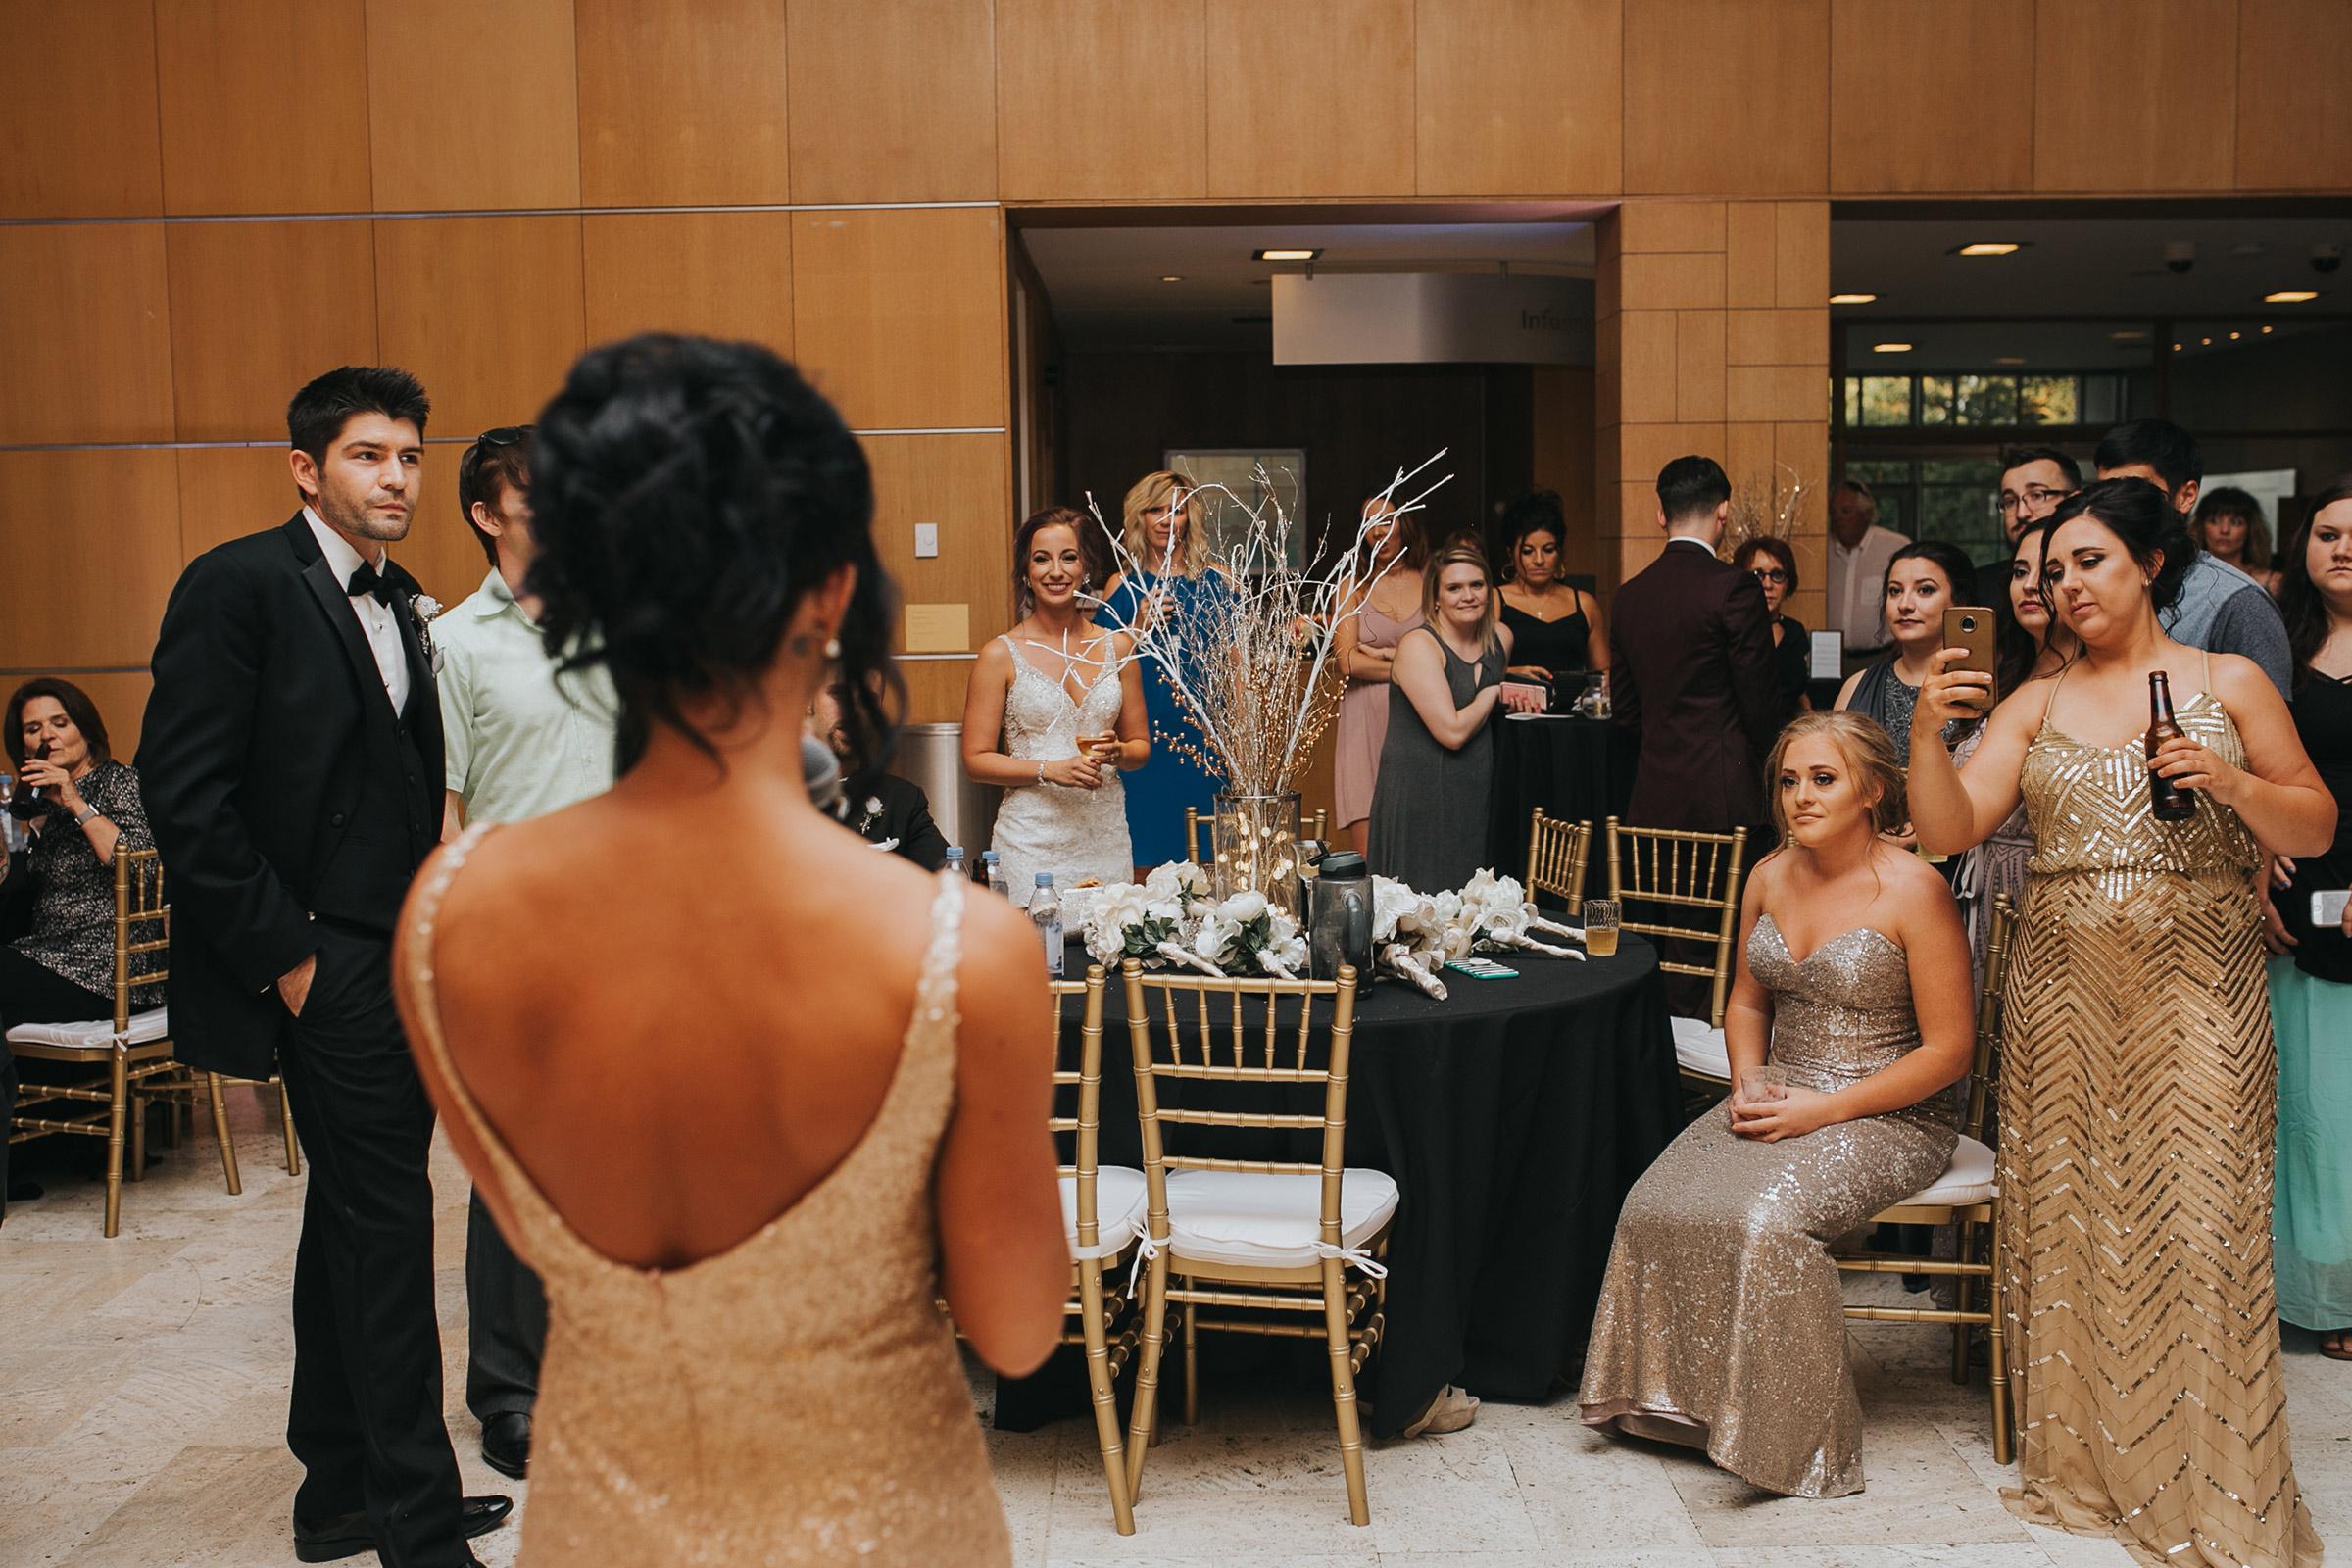 guest-watching-bridesmaid-make-speech-desmoines-iowa-art-center-raelyn-ramey-photography.jpg